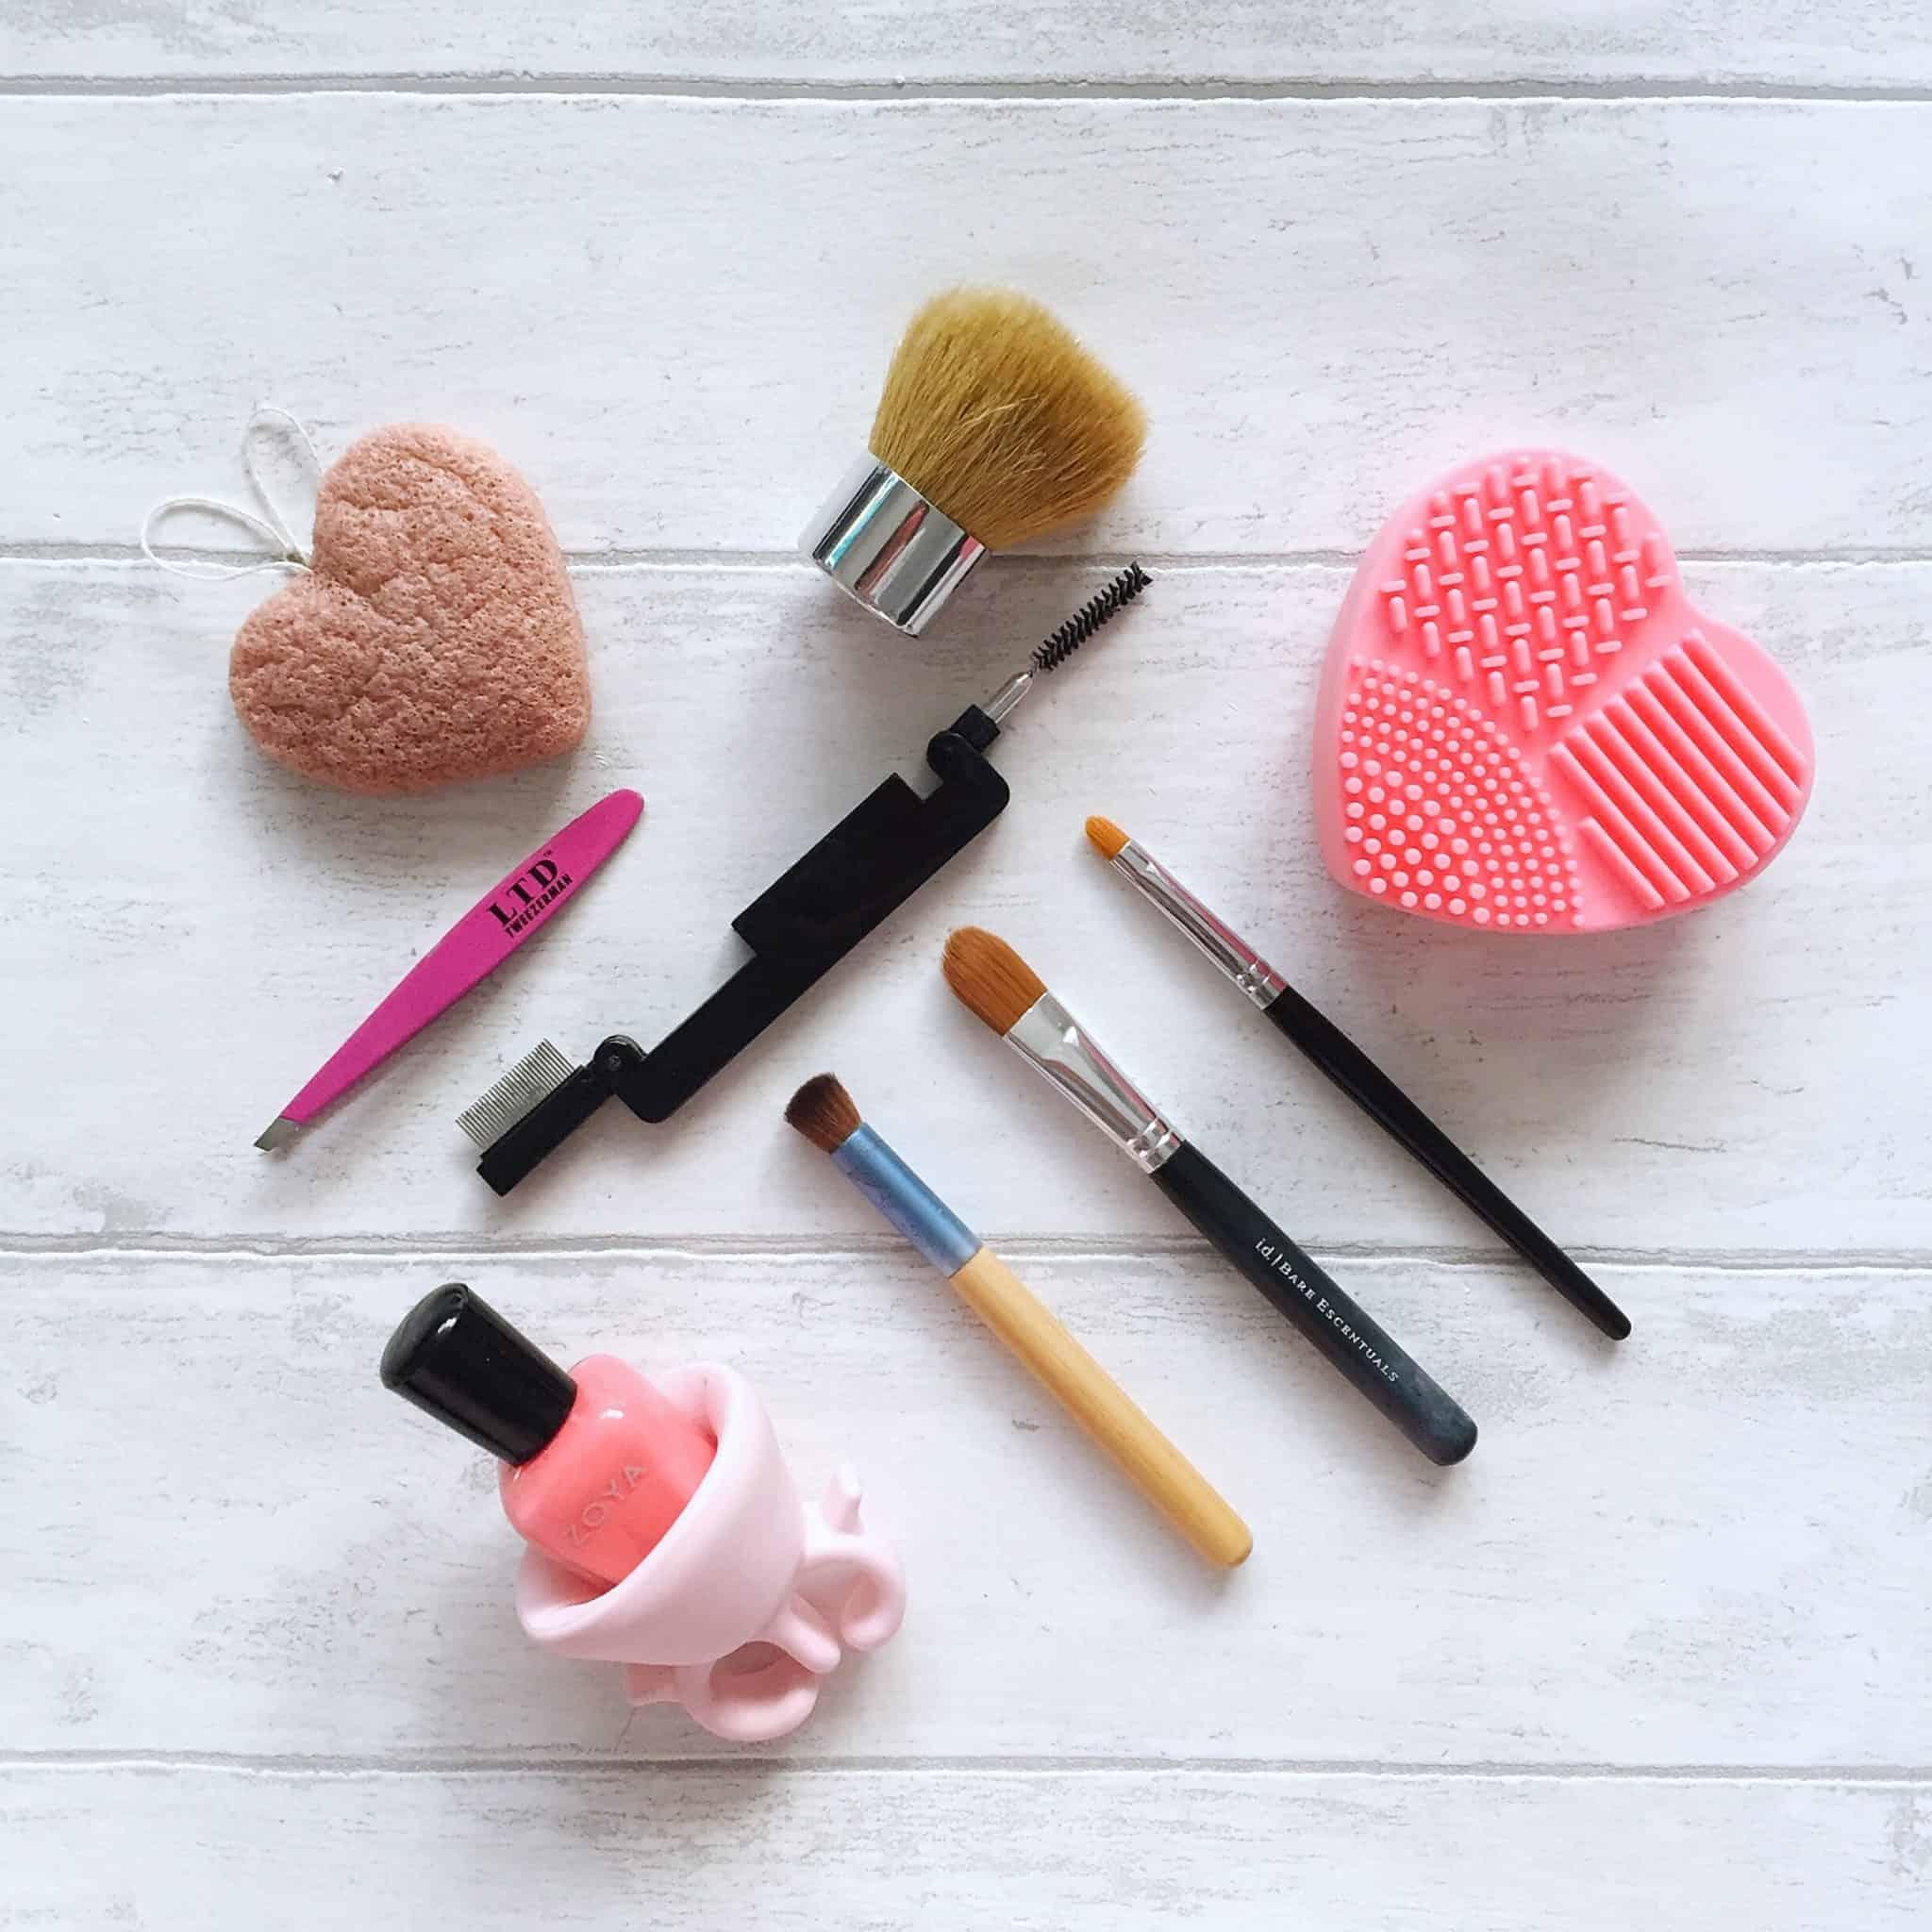 Top 5 Beauty Tools